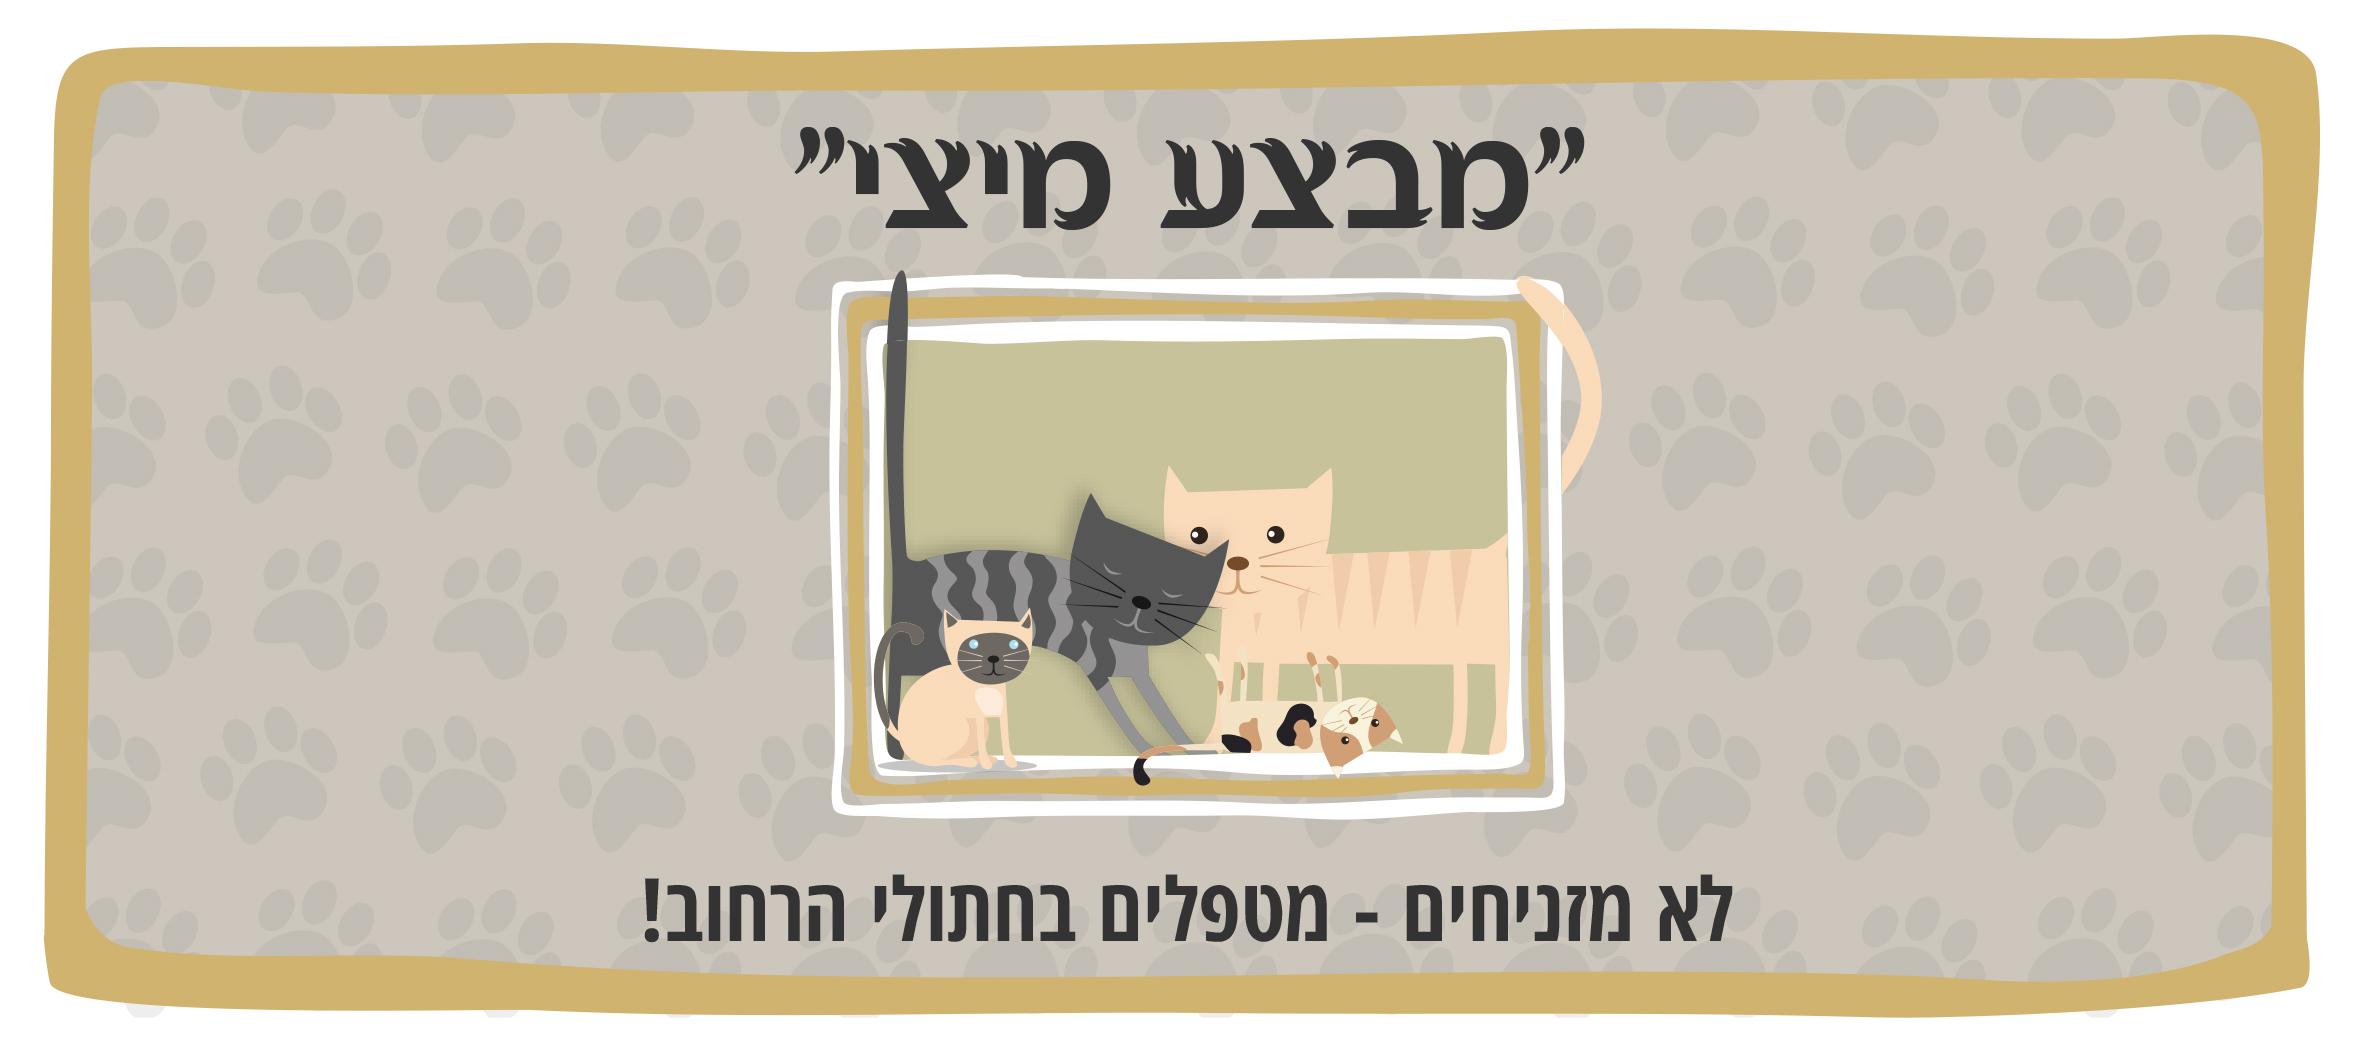 מבצע מיצי לעיקור וסירוס חתולי רחוב